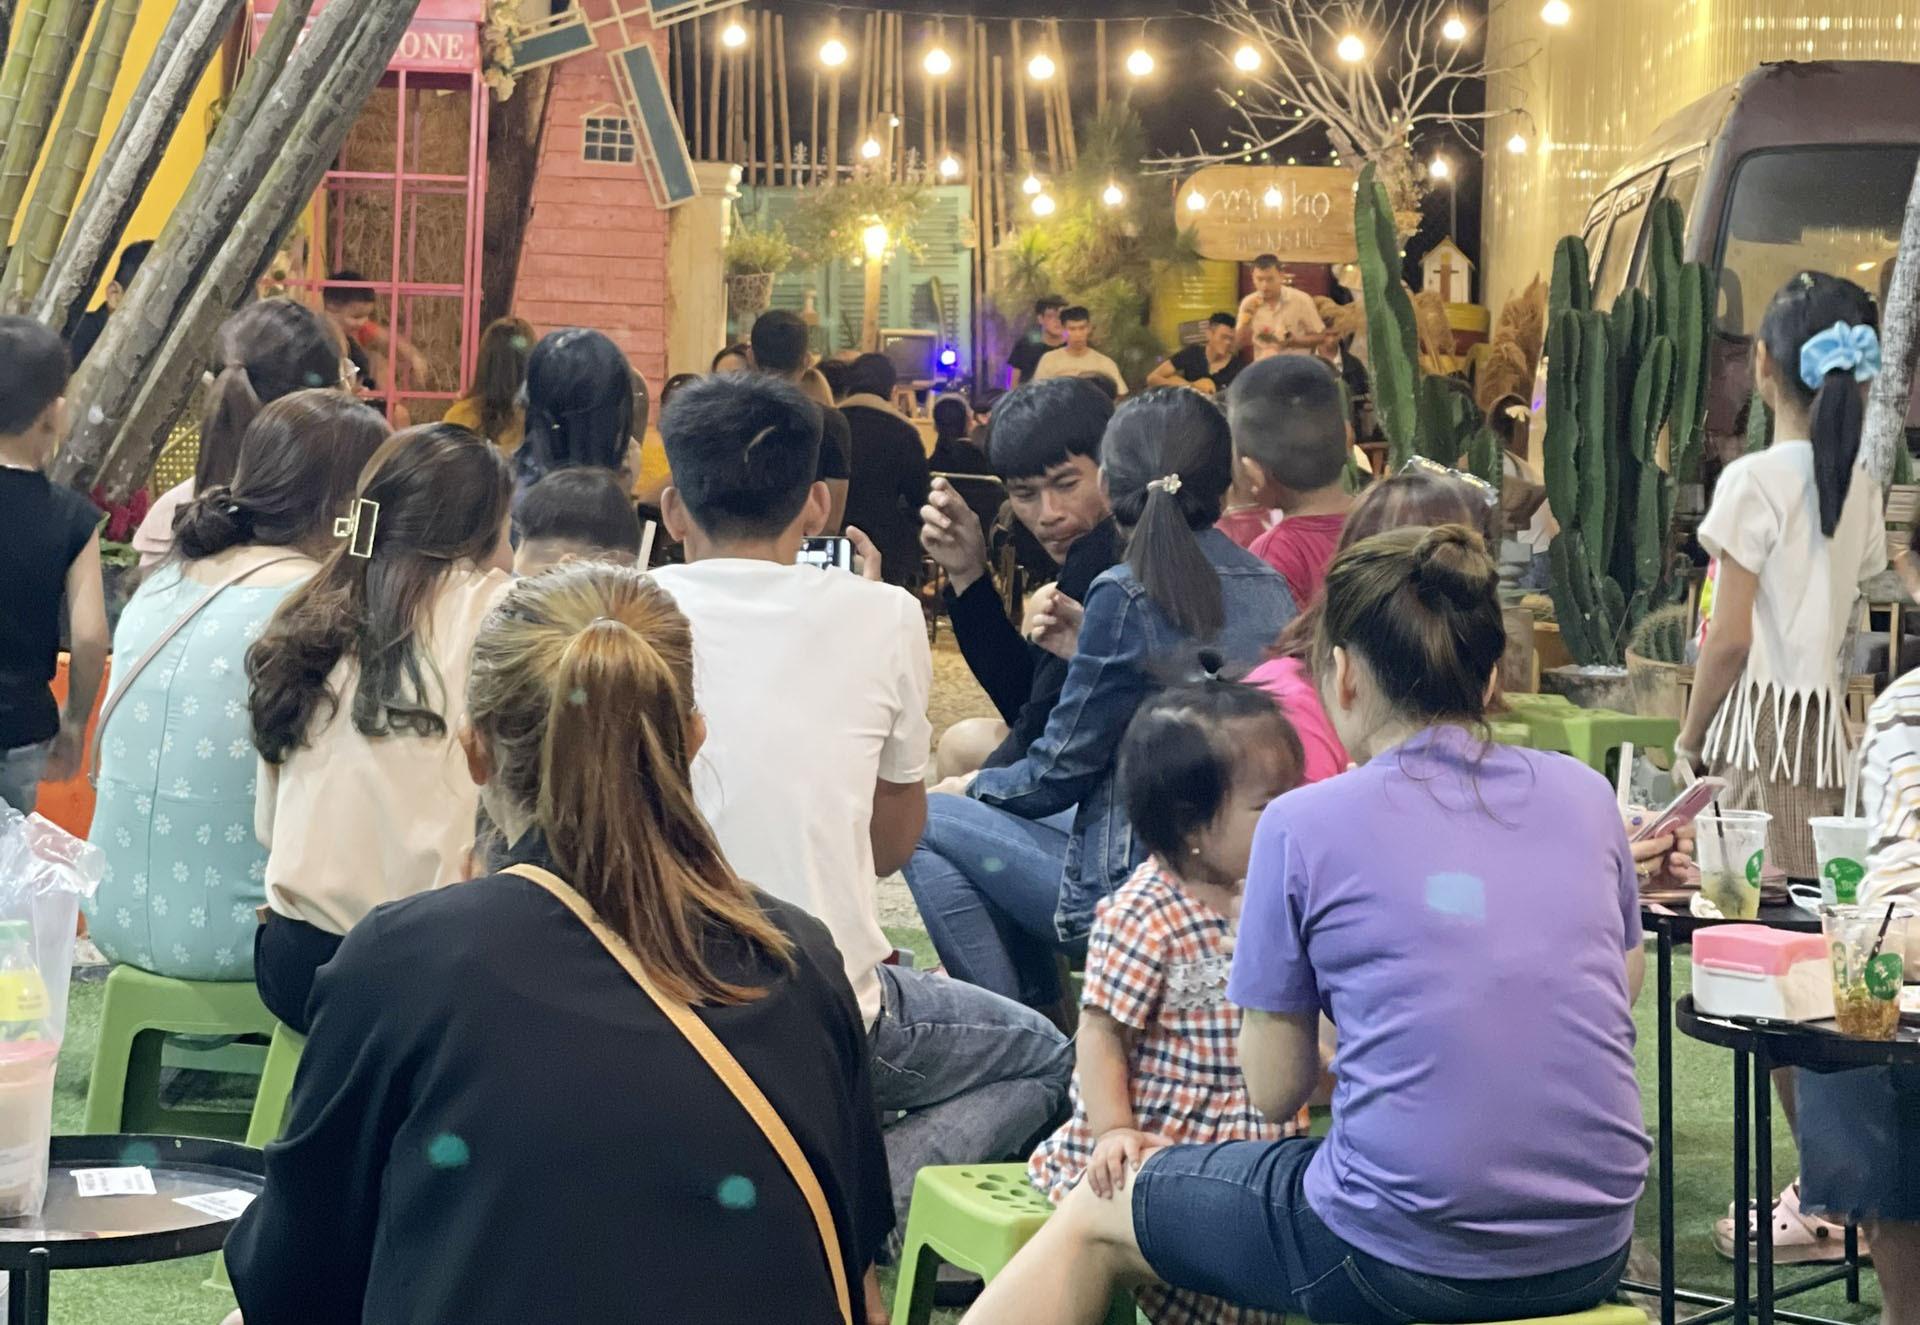 Bạn trẻ thưởng thức cà phê và nhạc Acoustic tại quán Mr. Thọ. Ảnh: H.B